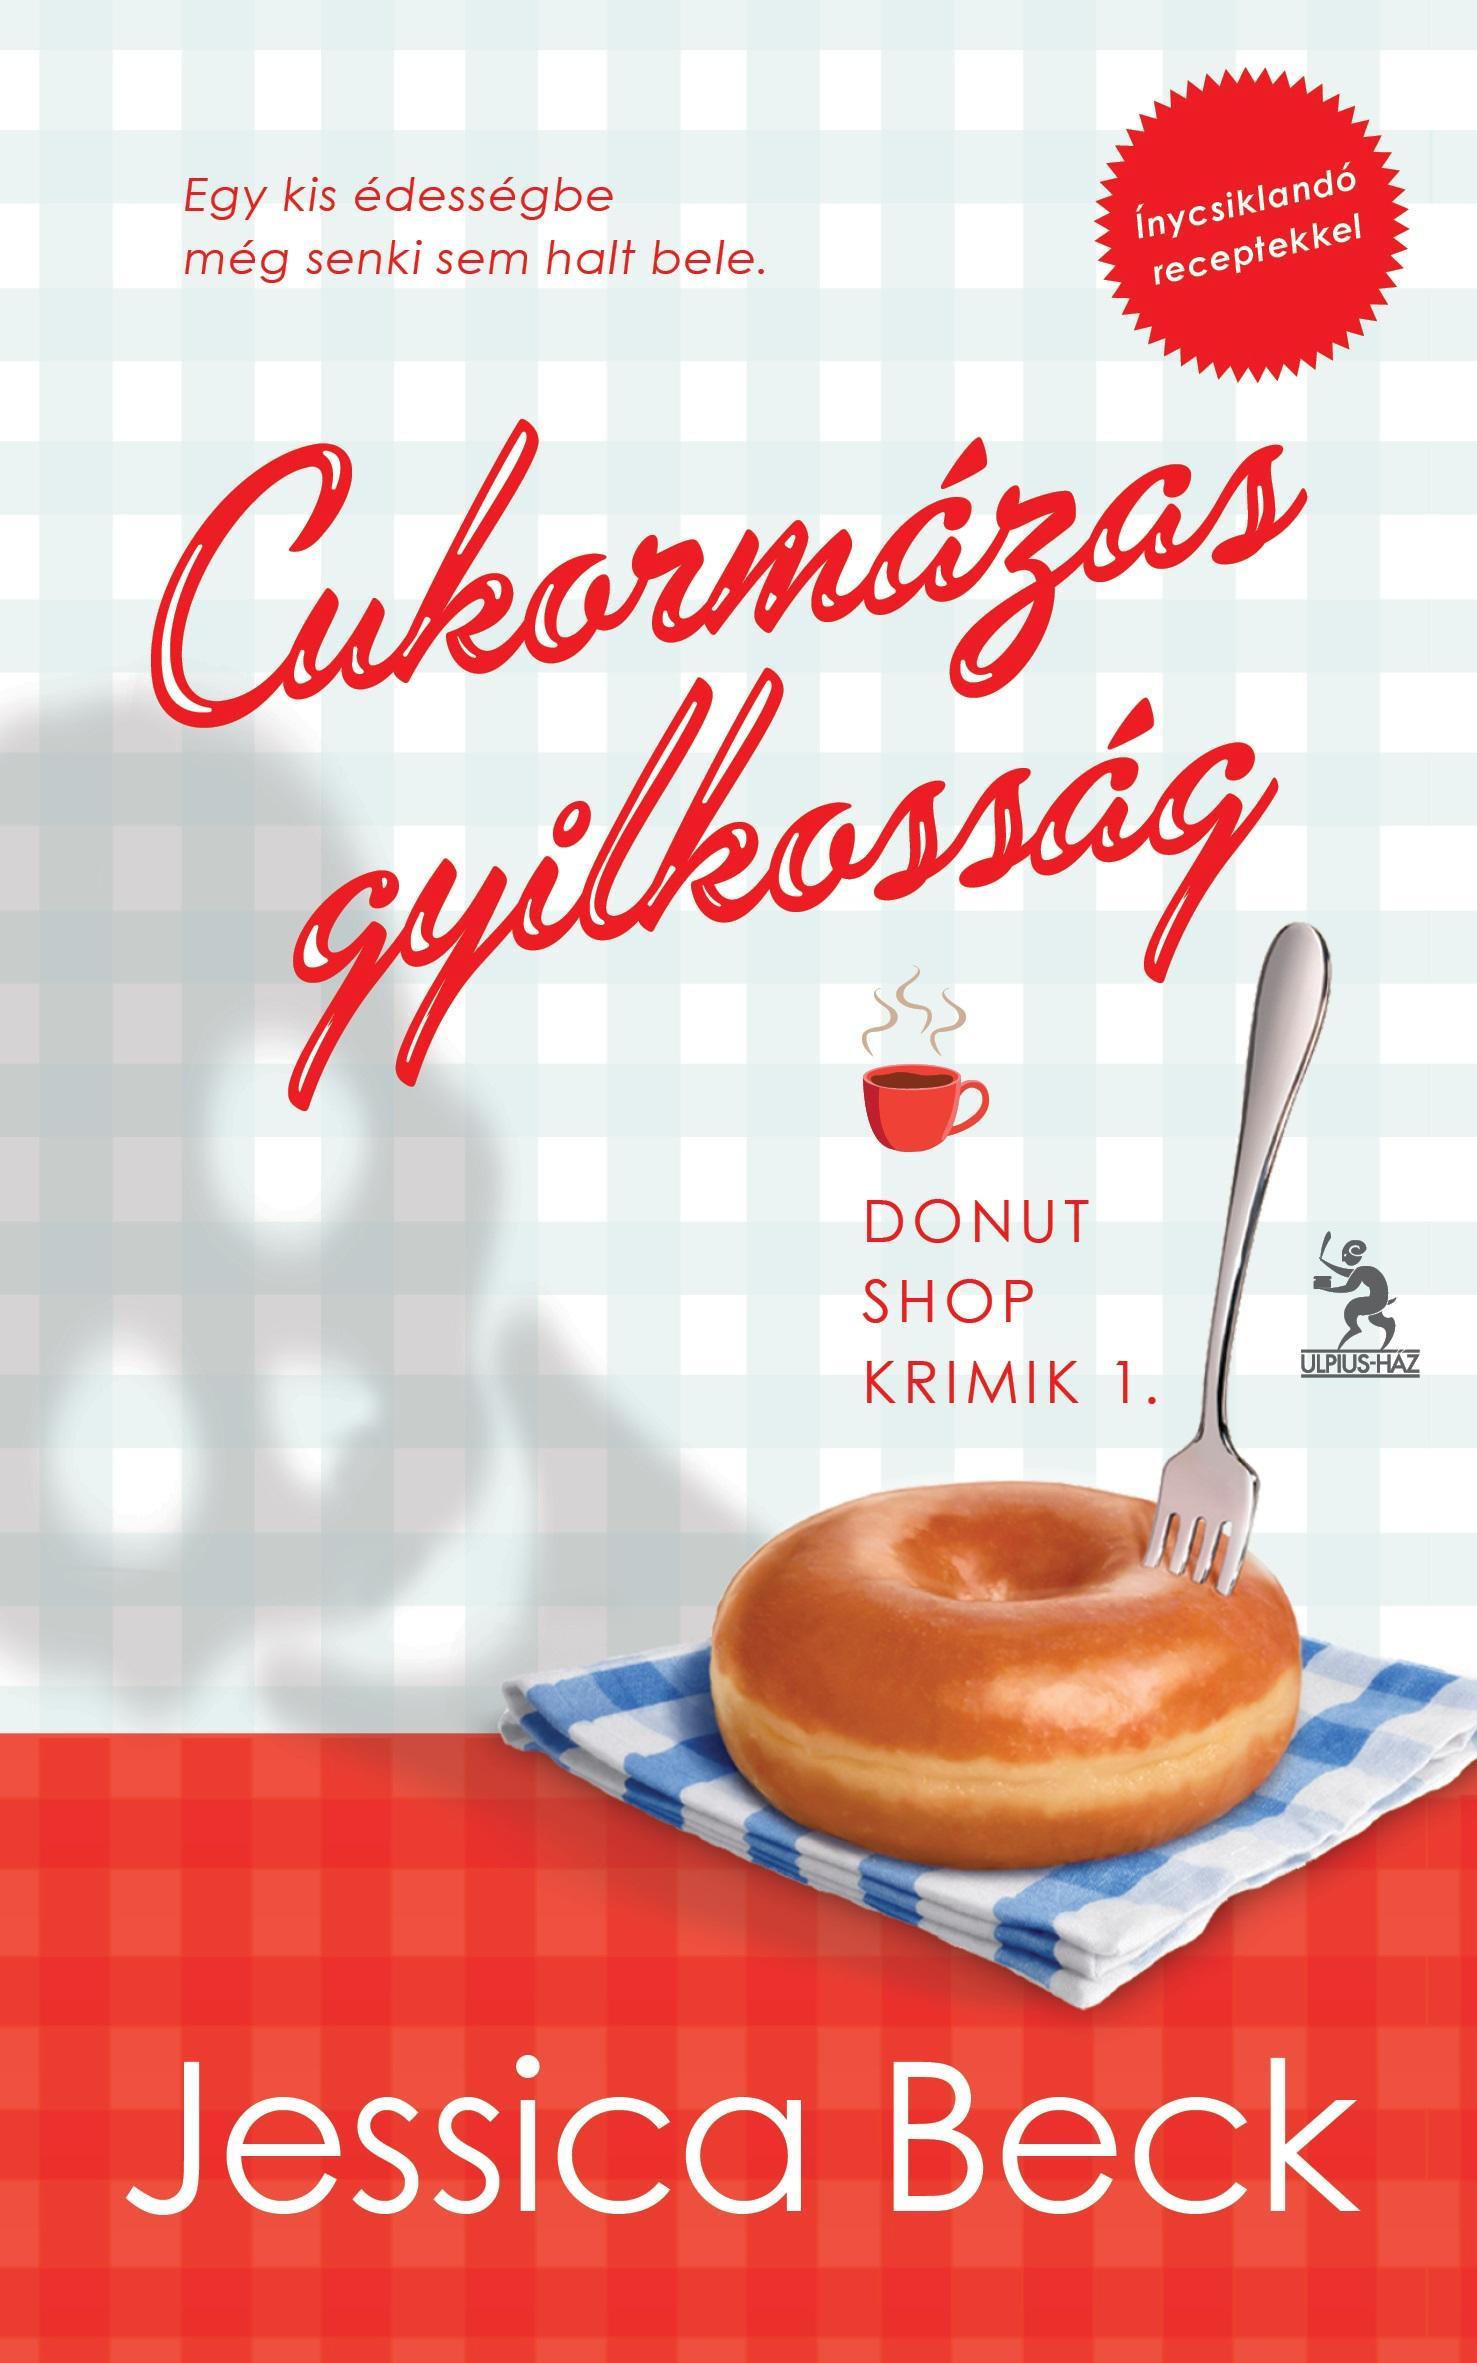 CUKORMÁZAS GYILKOSSÁG - DONUT SHOP KRIMIK 1.